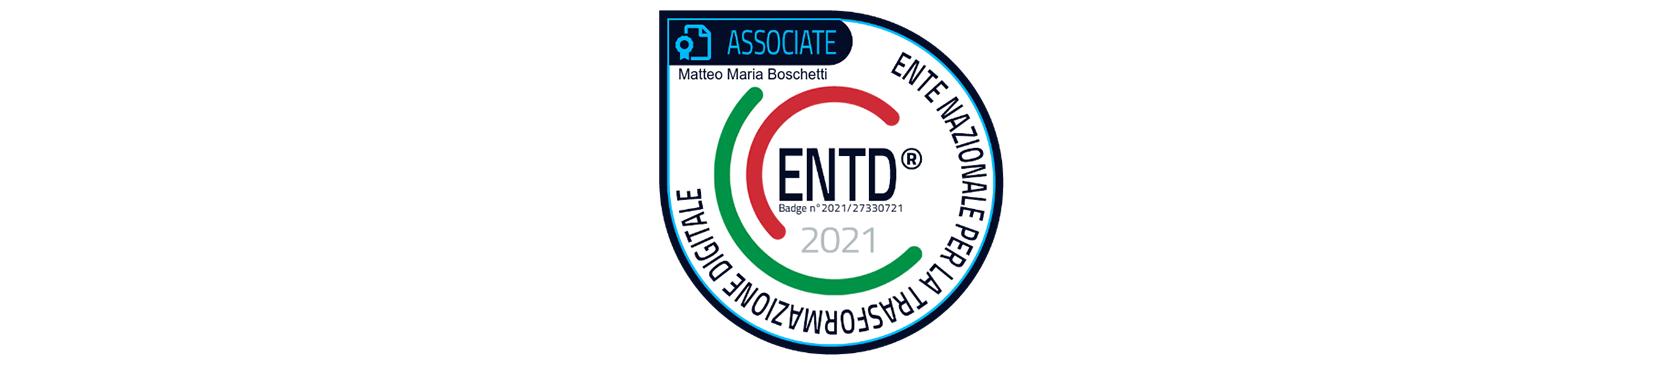 Ente nazionale per la trasformazione digitale - Badge ENTD Associate Matteo Maria Boschetti